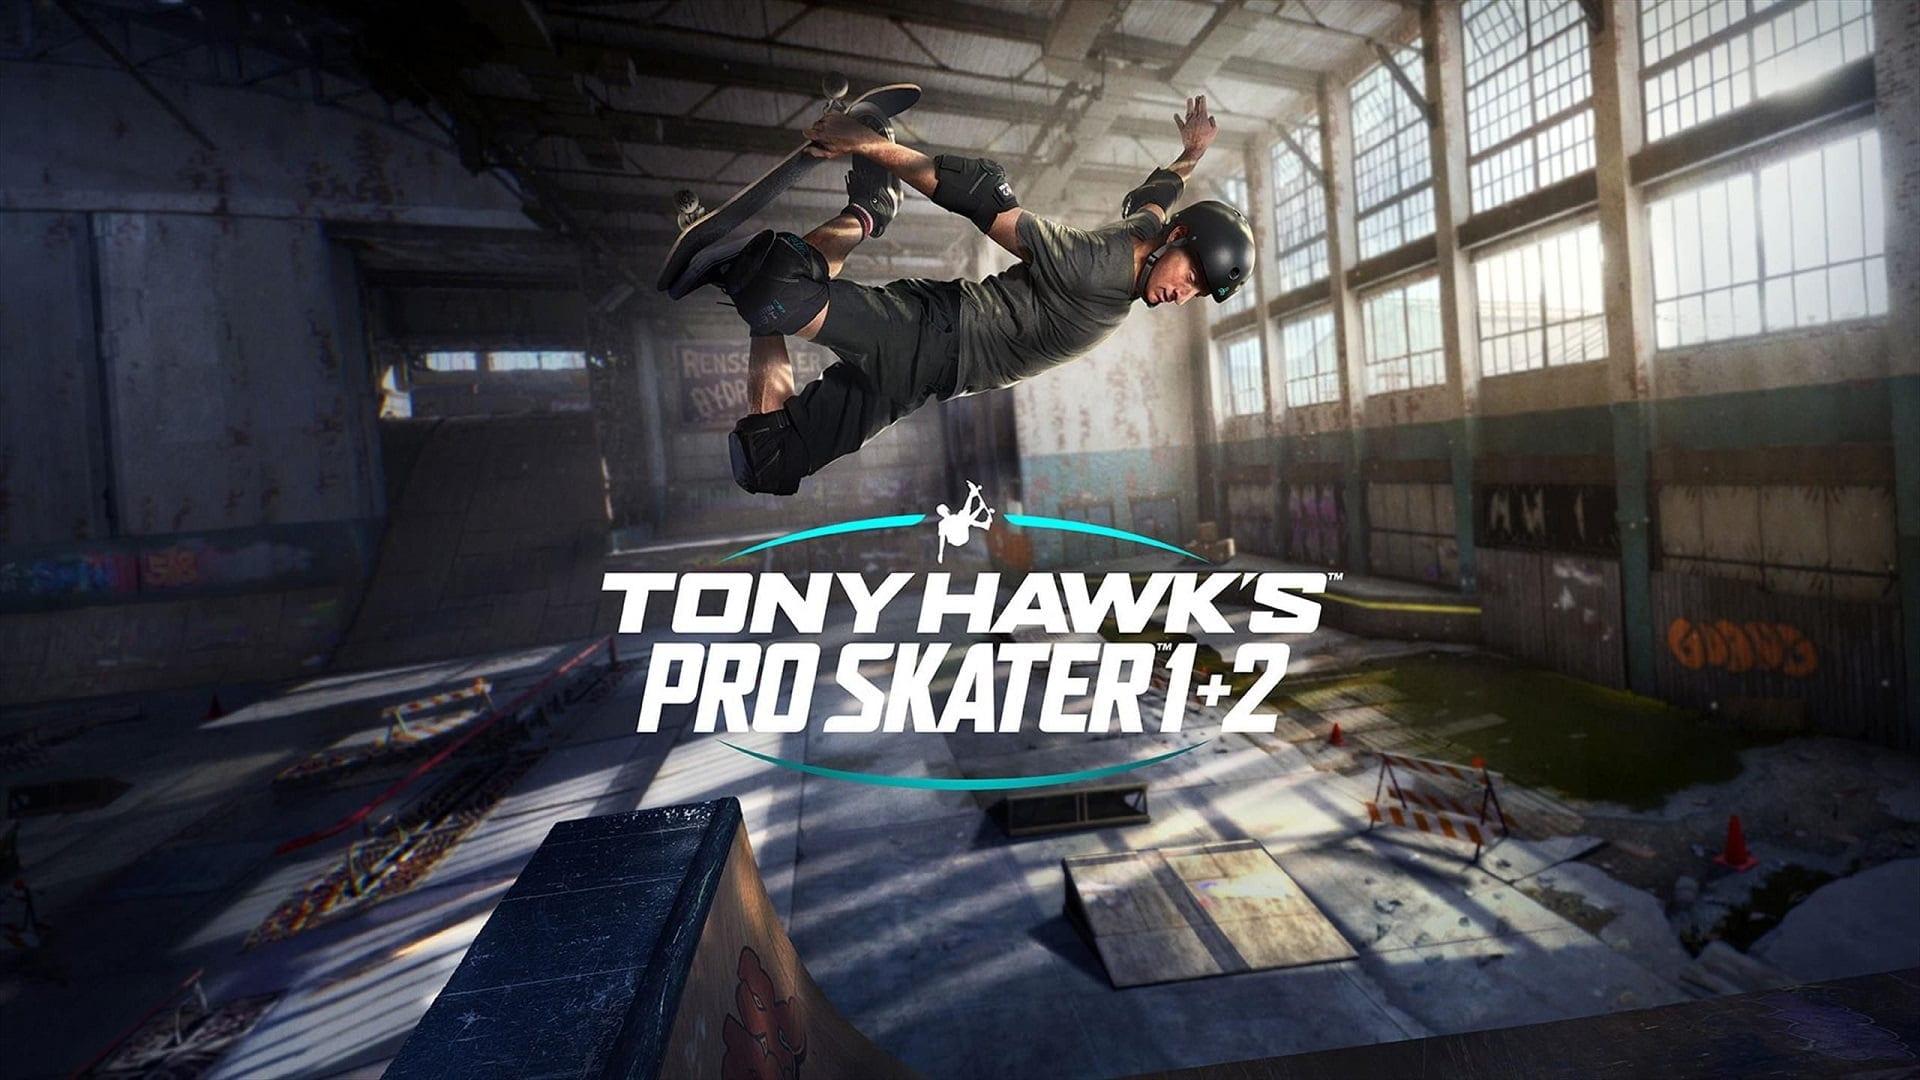 Sony объявила дату релиза Tony Hawk's Pro Skater 1 + 2 и рассказала когда ждать демоверсию игры